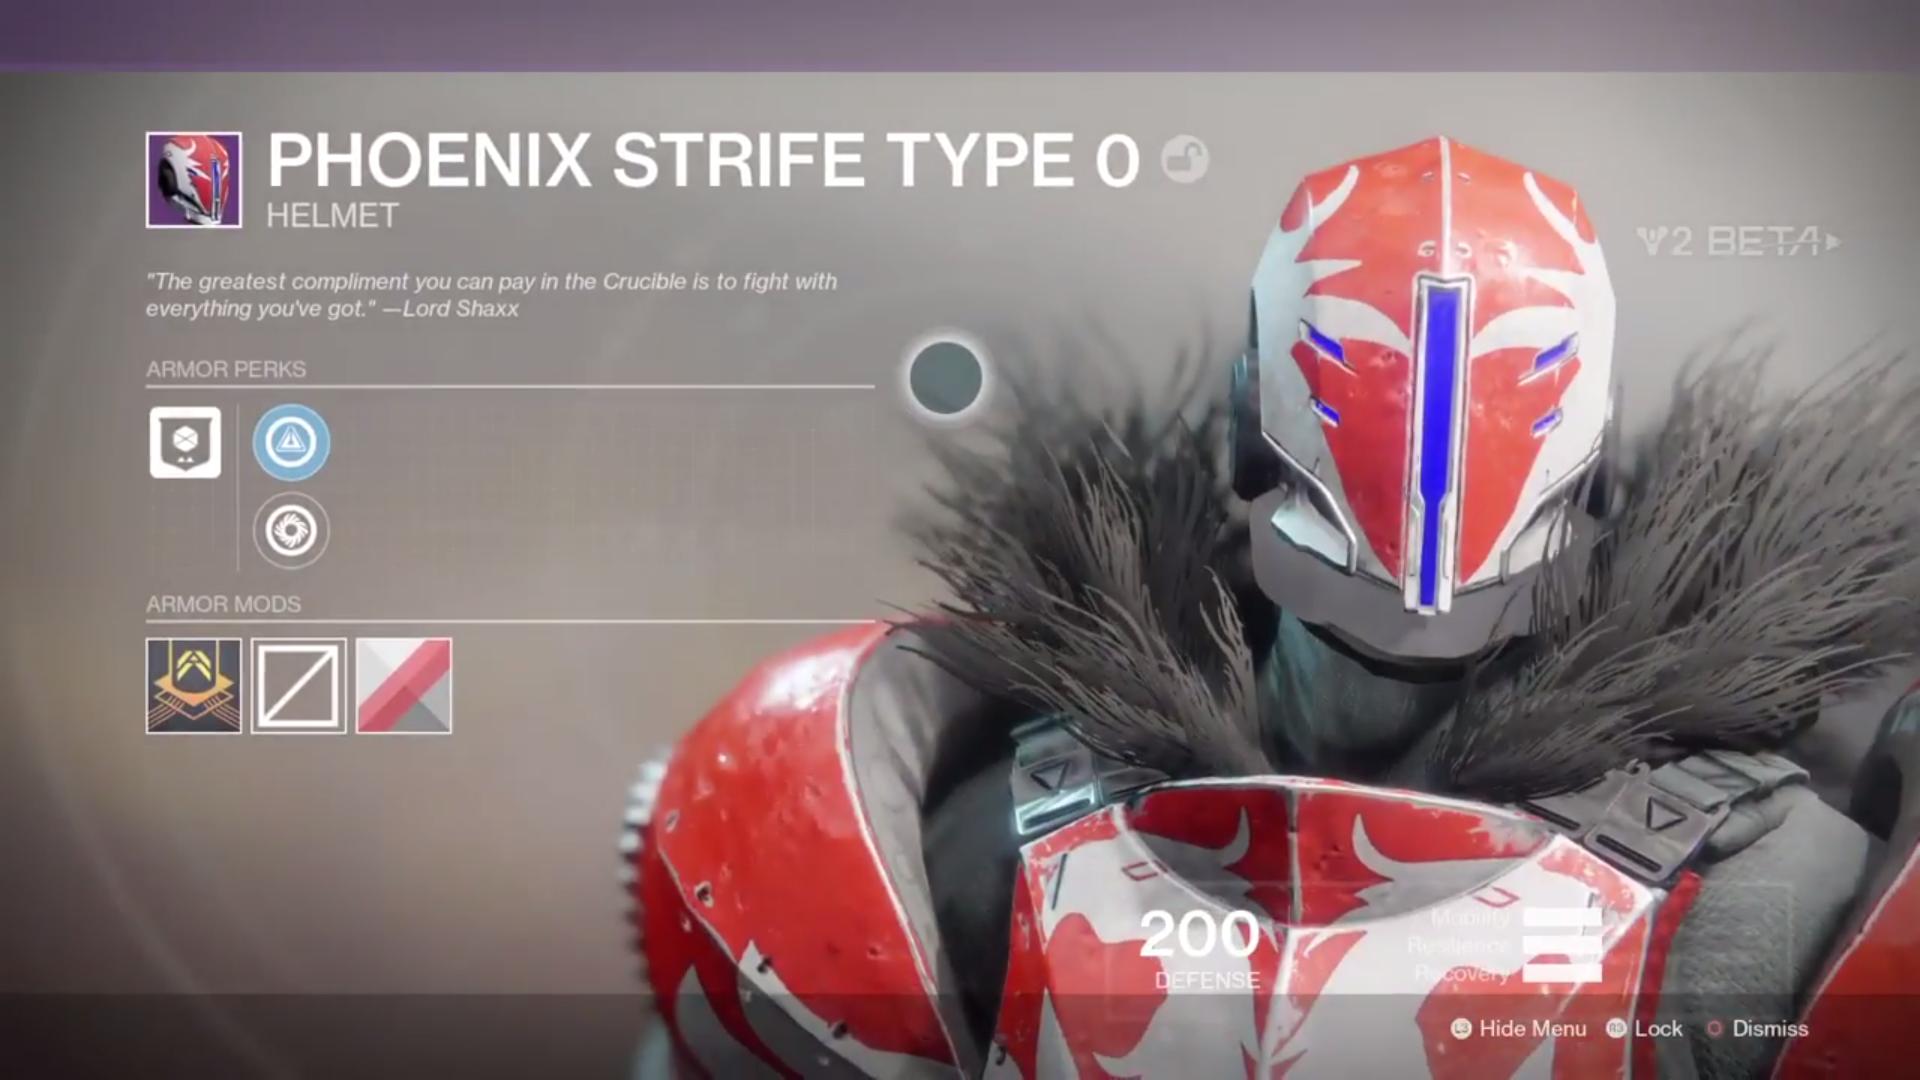 destiny 2 beta phoenix strife type 0 helmet